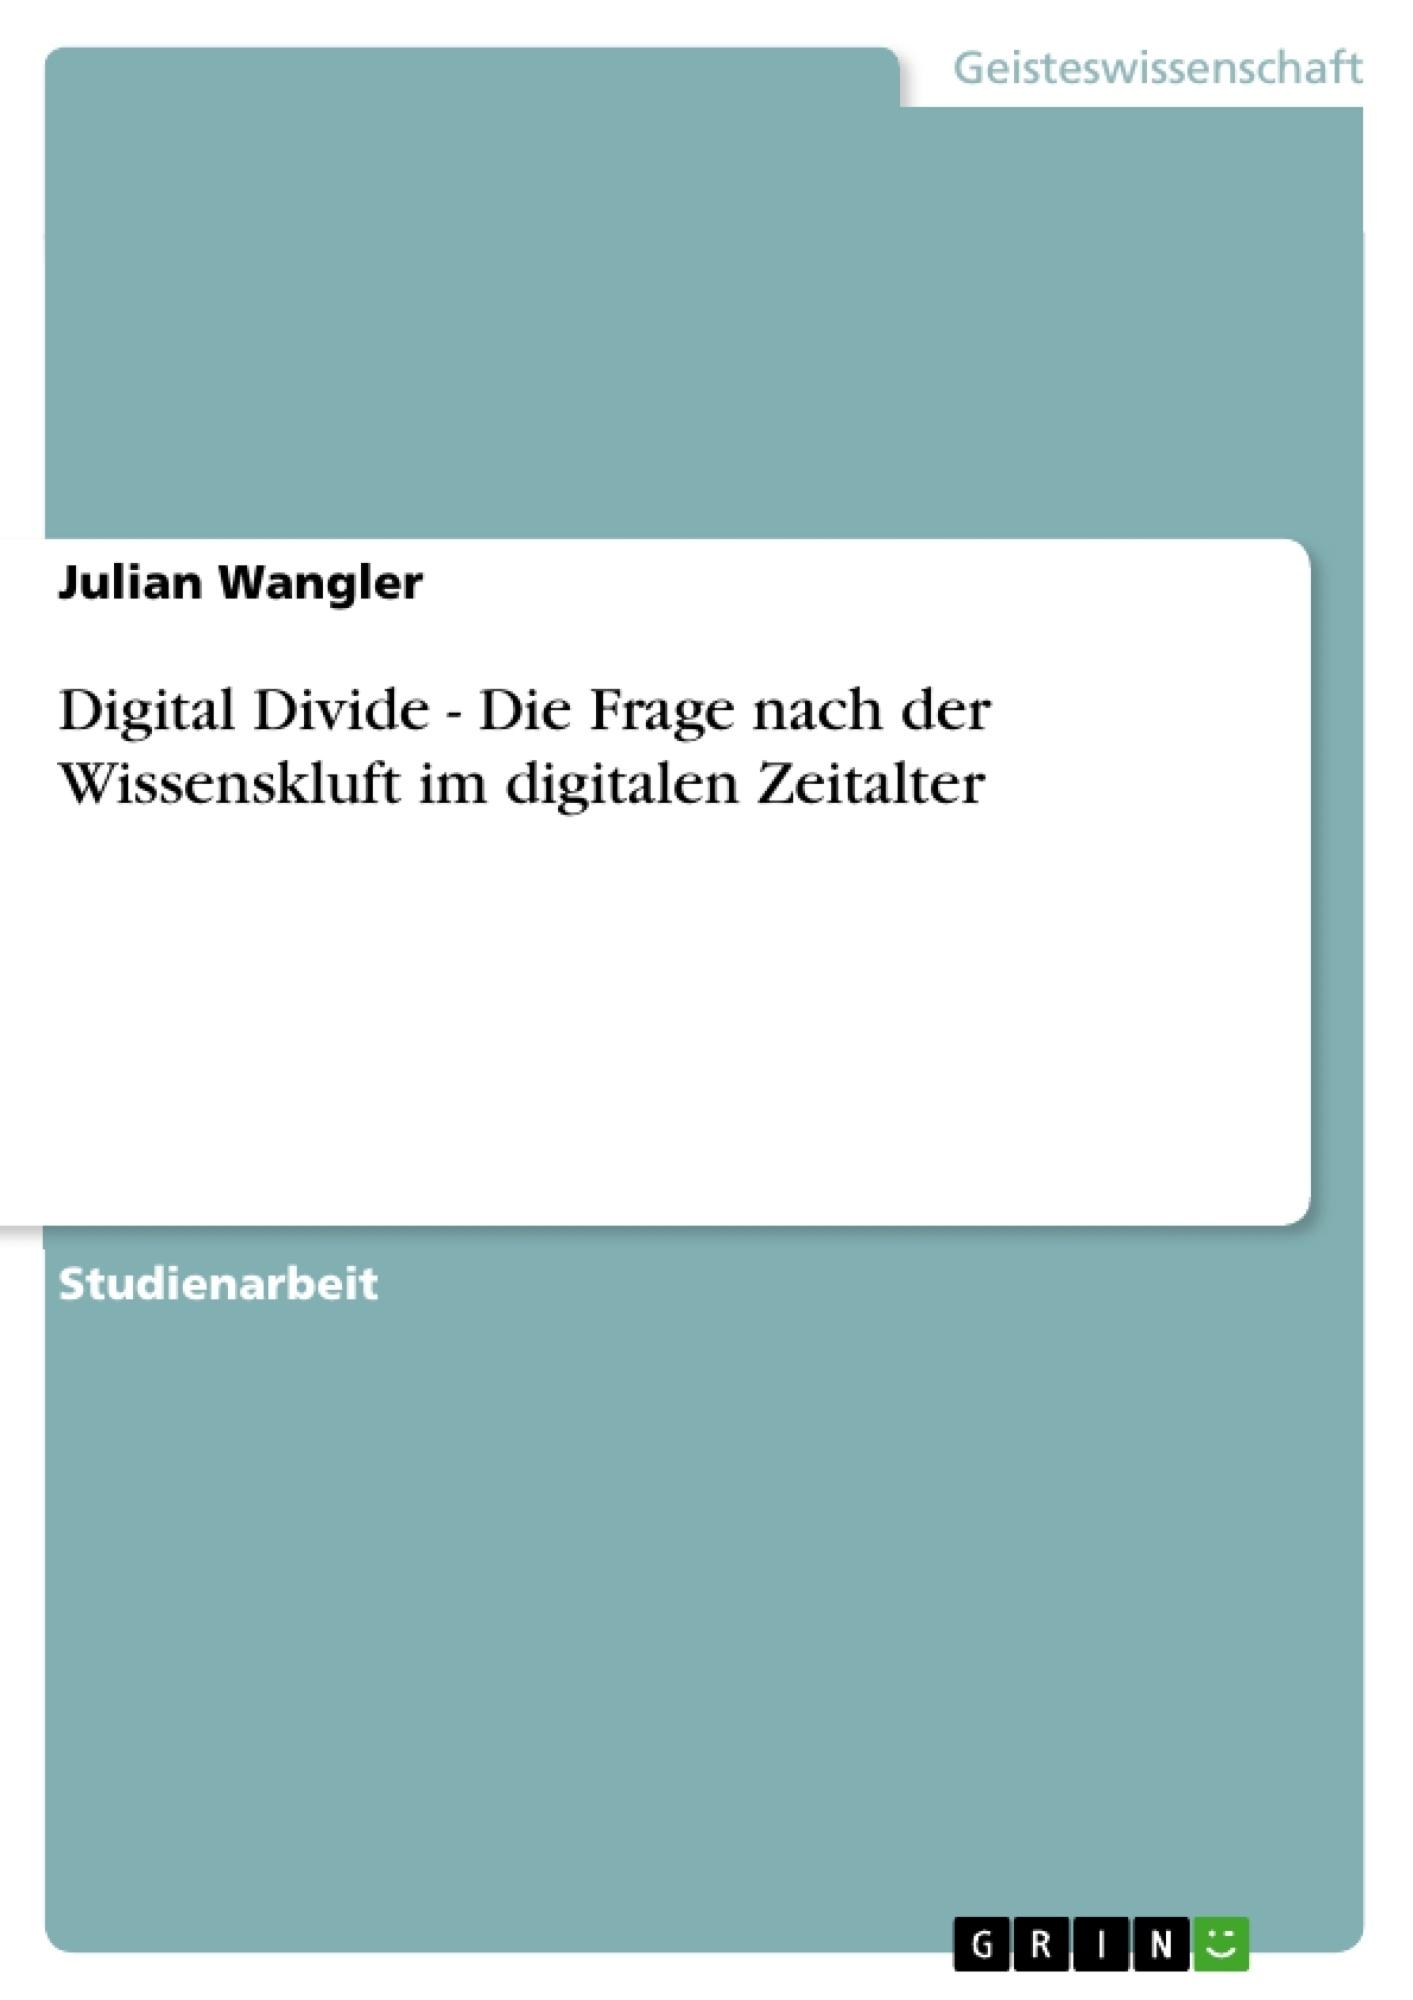 Titel: Digital Divide - Die Frage nach der Wissenskluft im digitalen Zeitalter